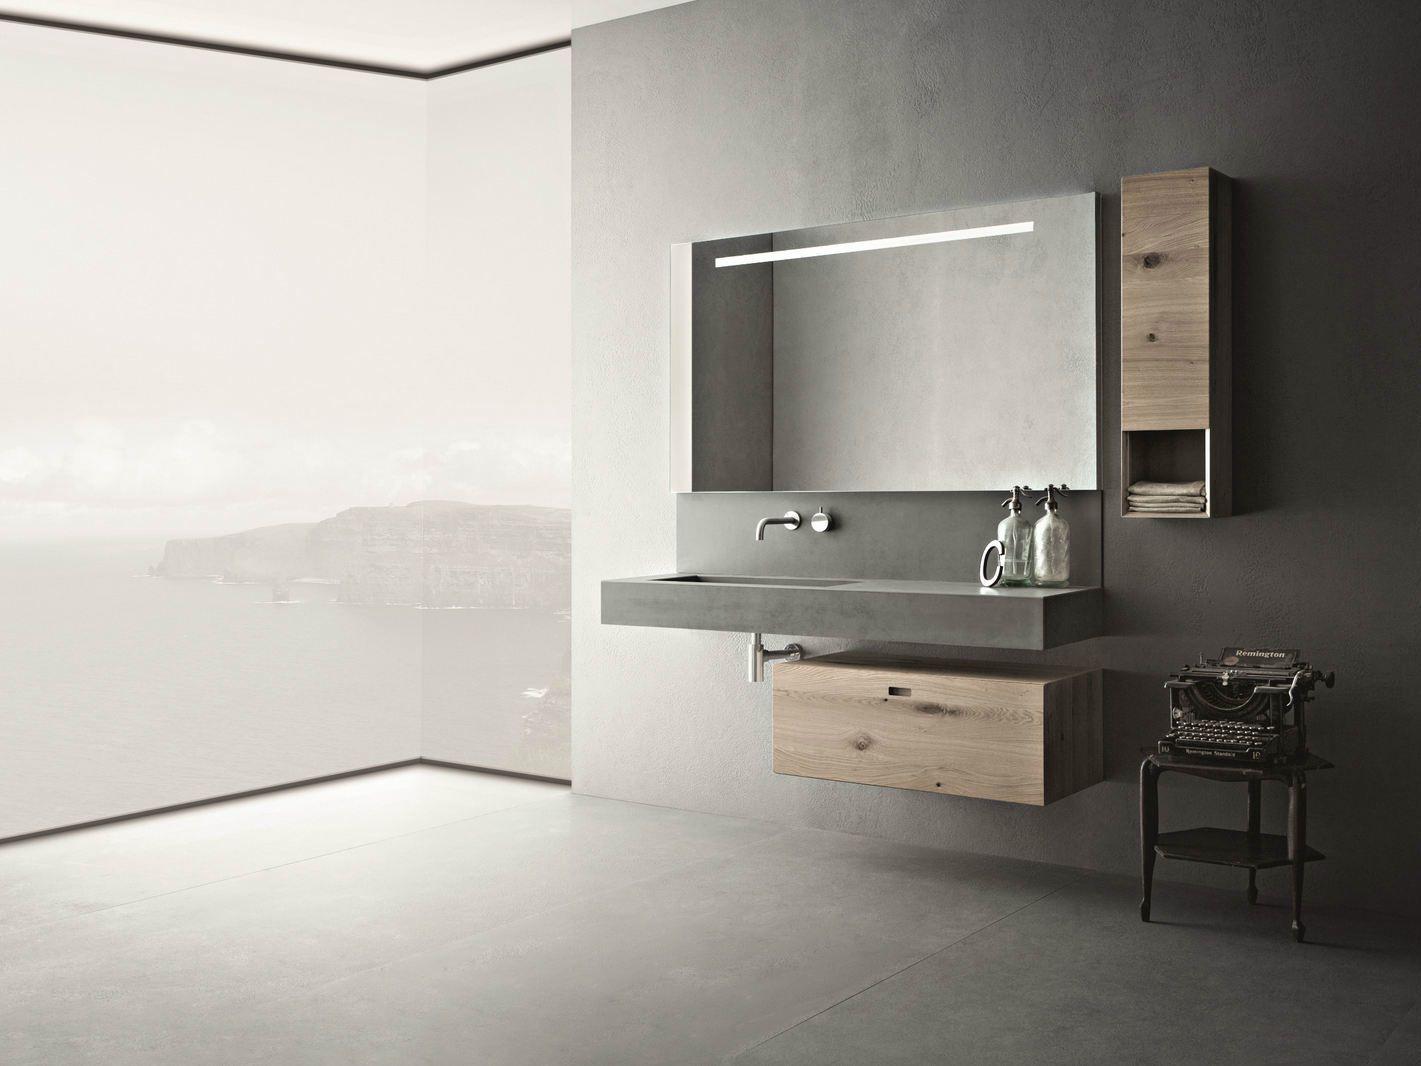 Arredo bagno completo in cemento craft composizione n02 for Arredo bagno completo